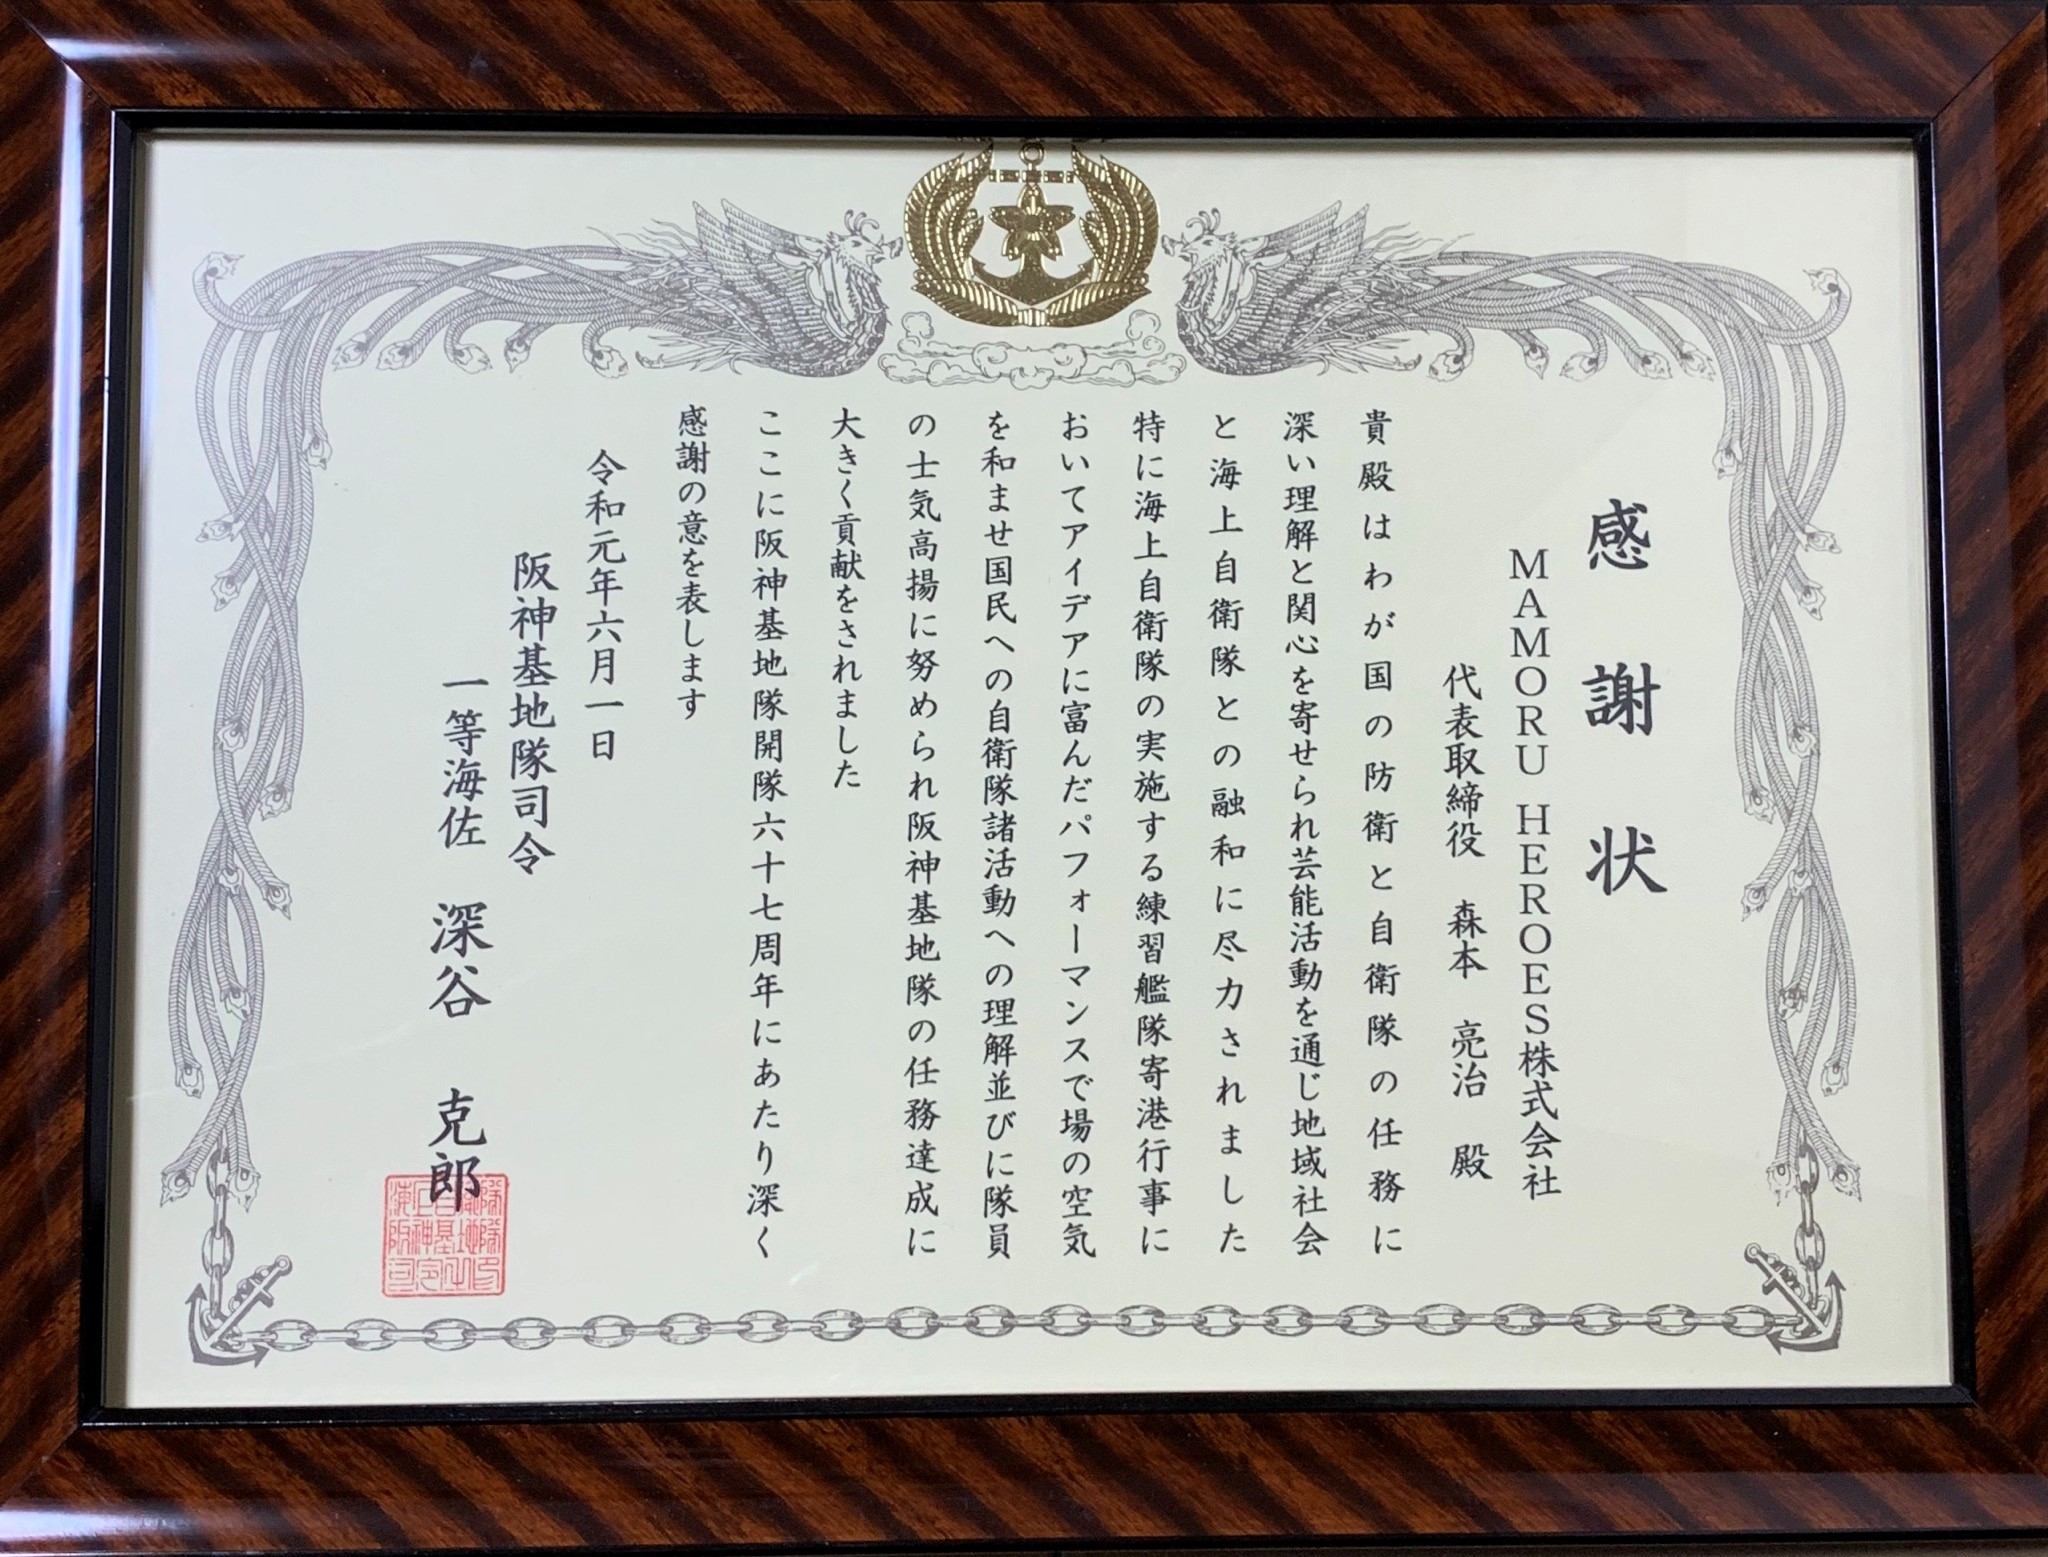 海上自衛隊 阪神基地隊から感謝状をいただきました。1